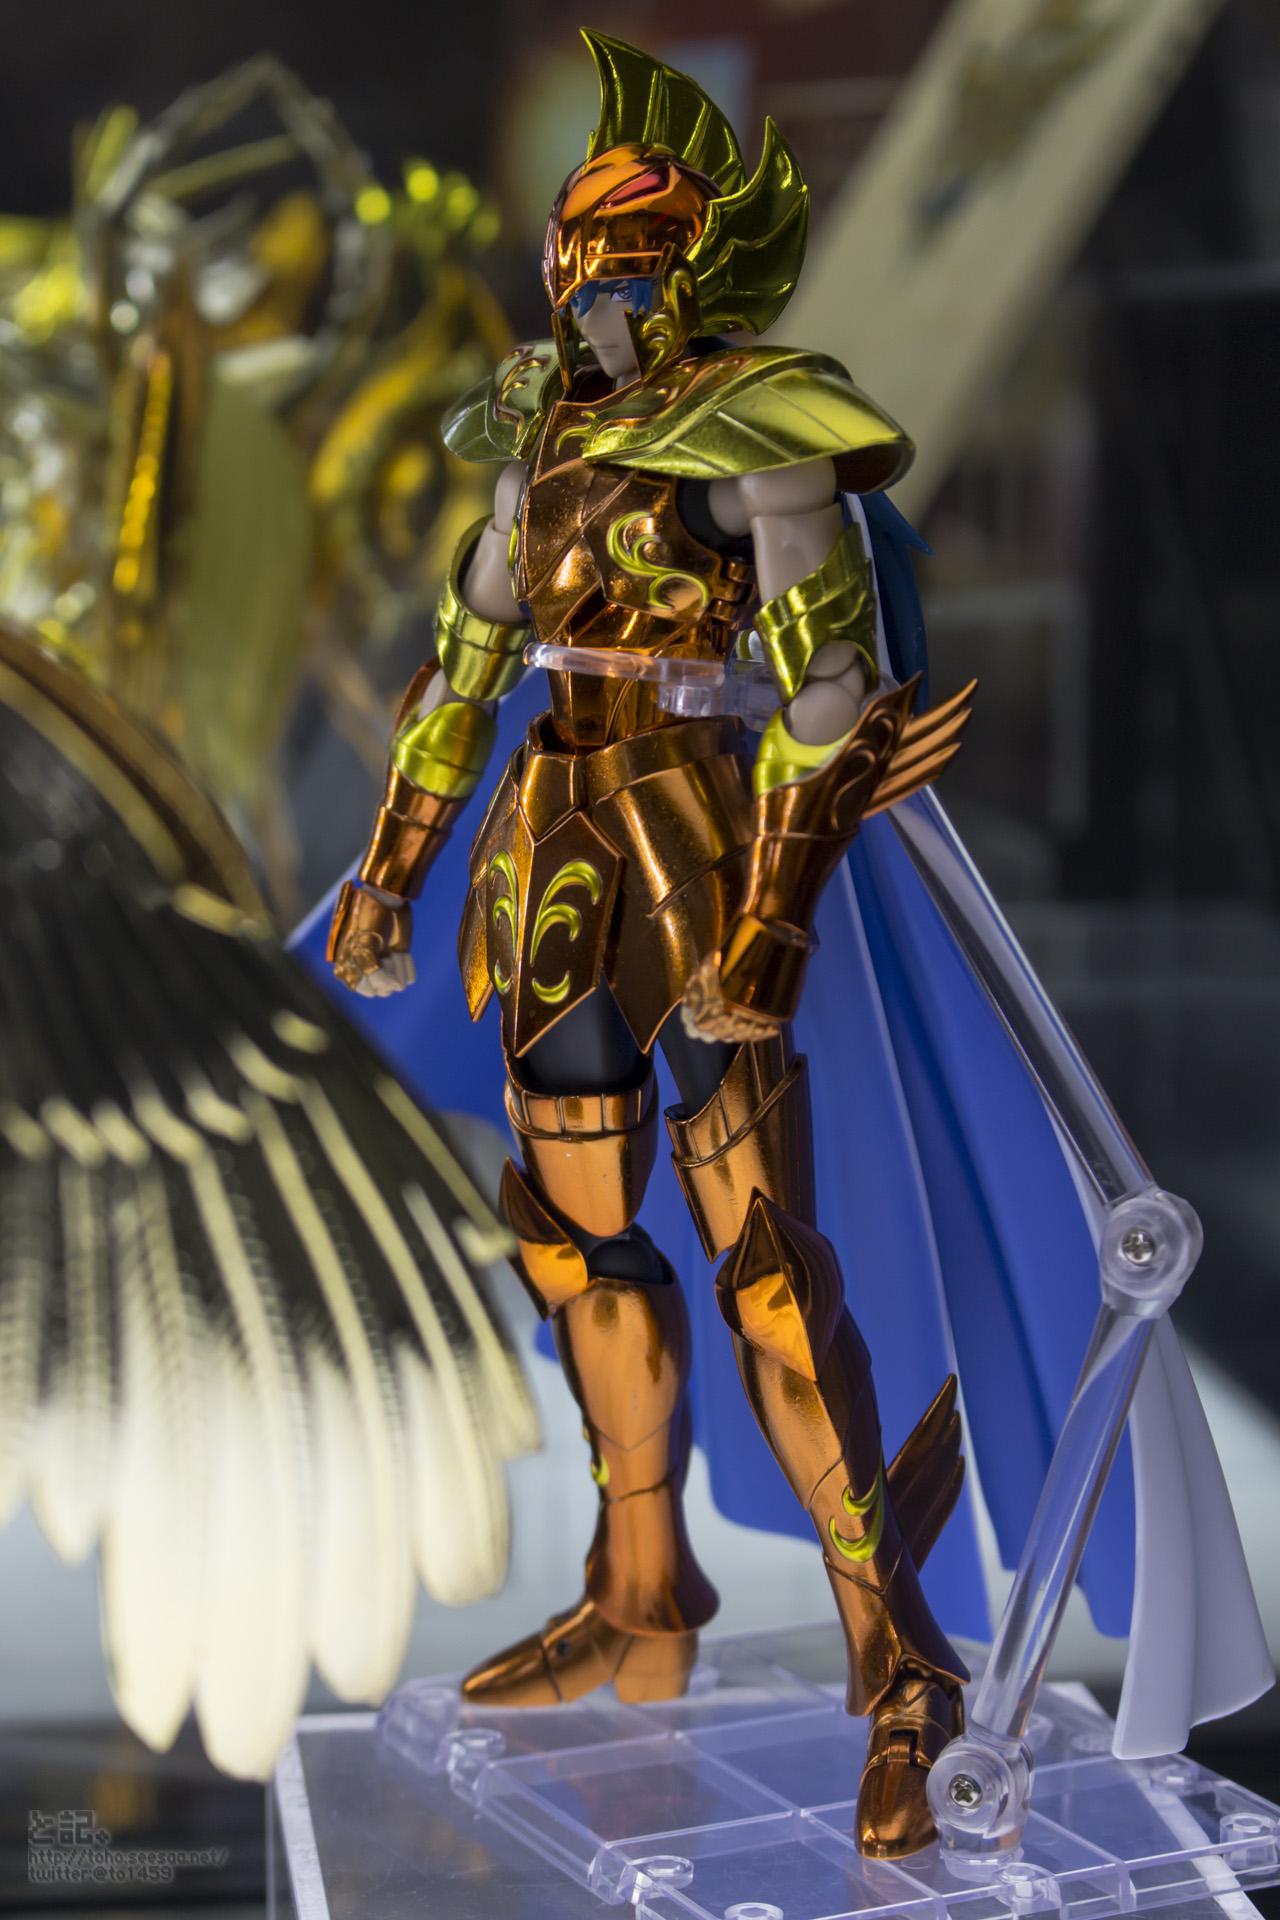 [Comentários] Saint Cloth Myth EX - Kanon de Dragão Marinho - Página 9 M9xVmNGJ